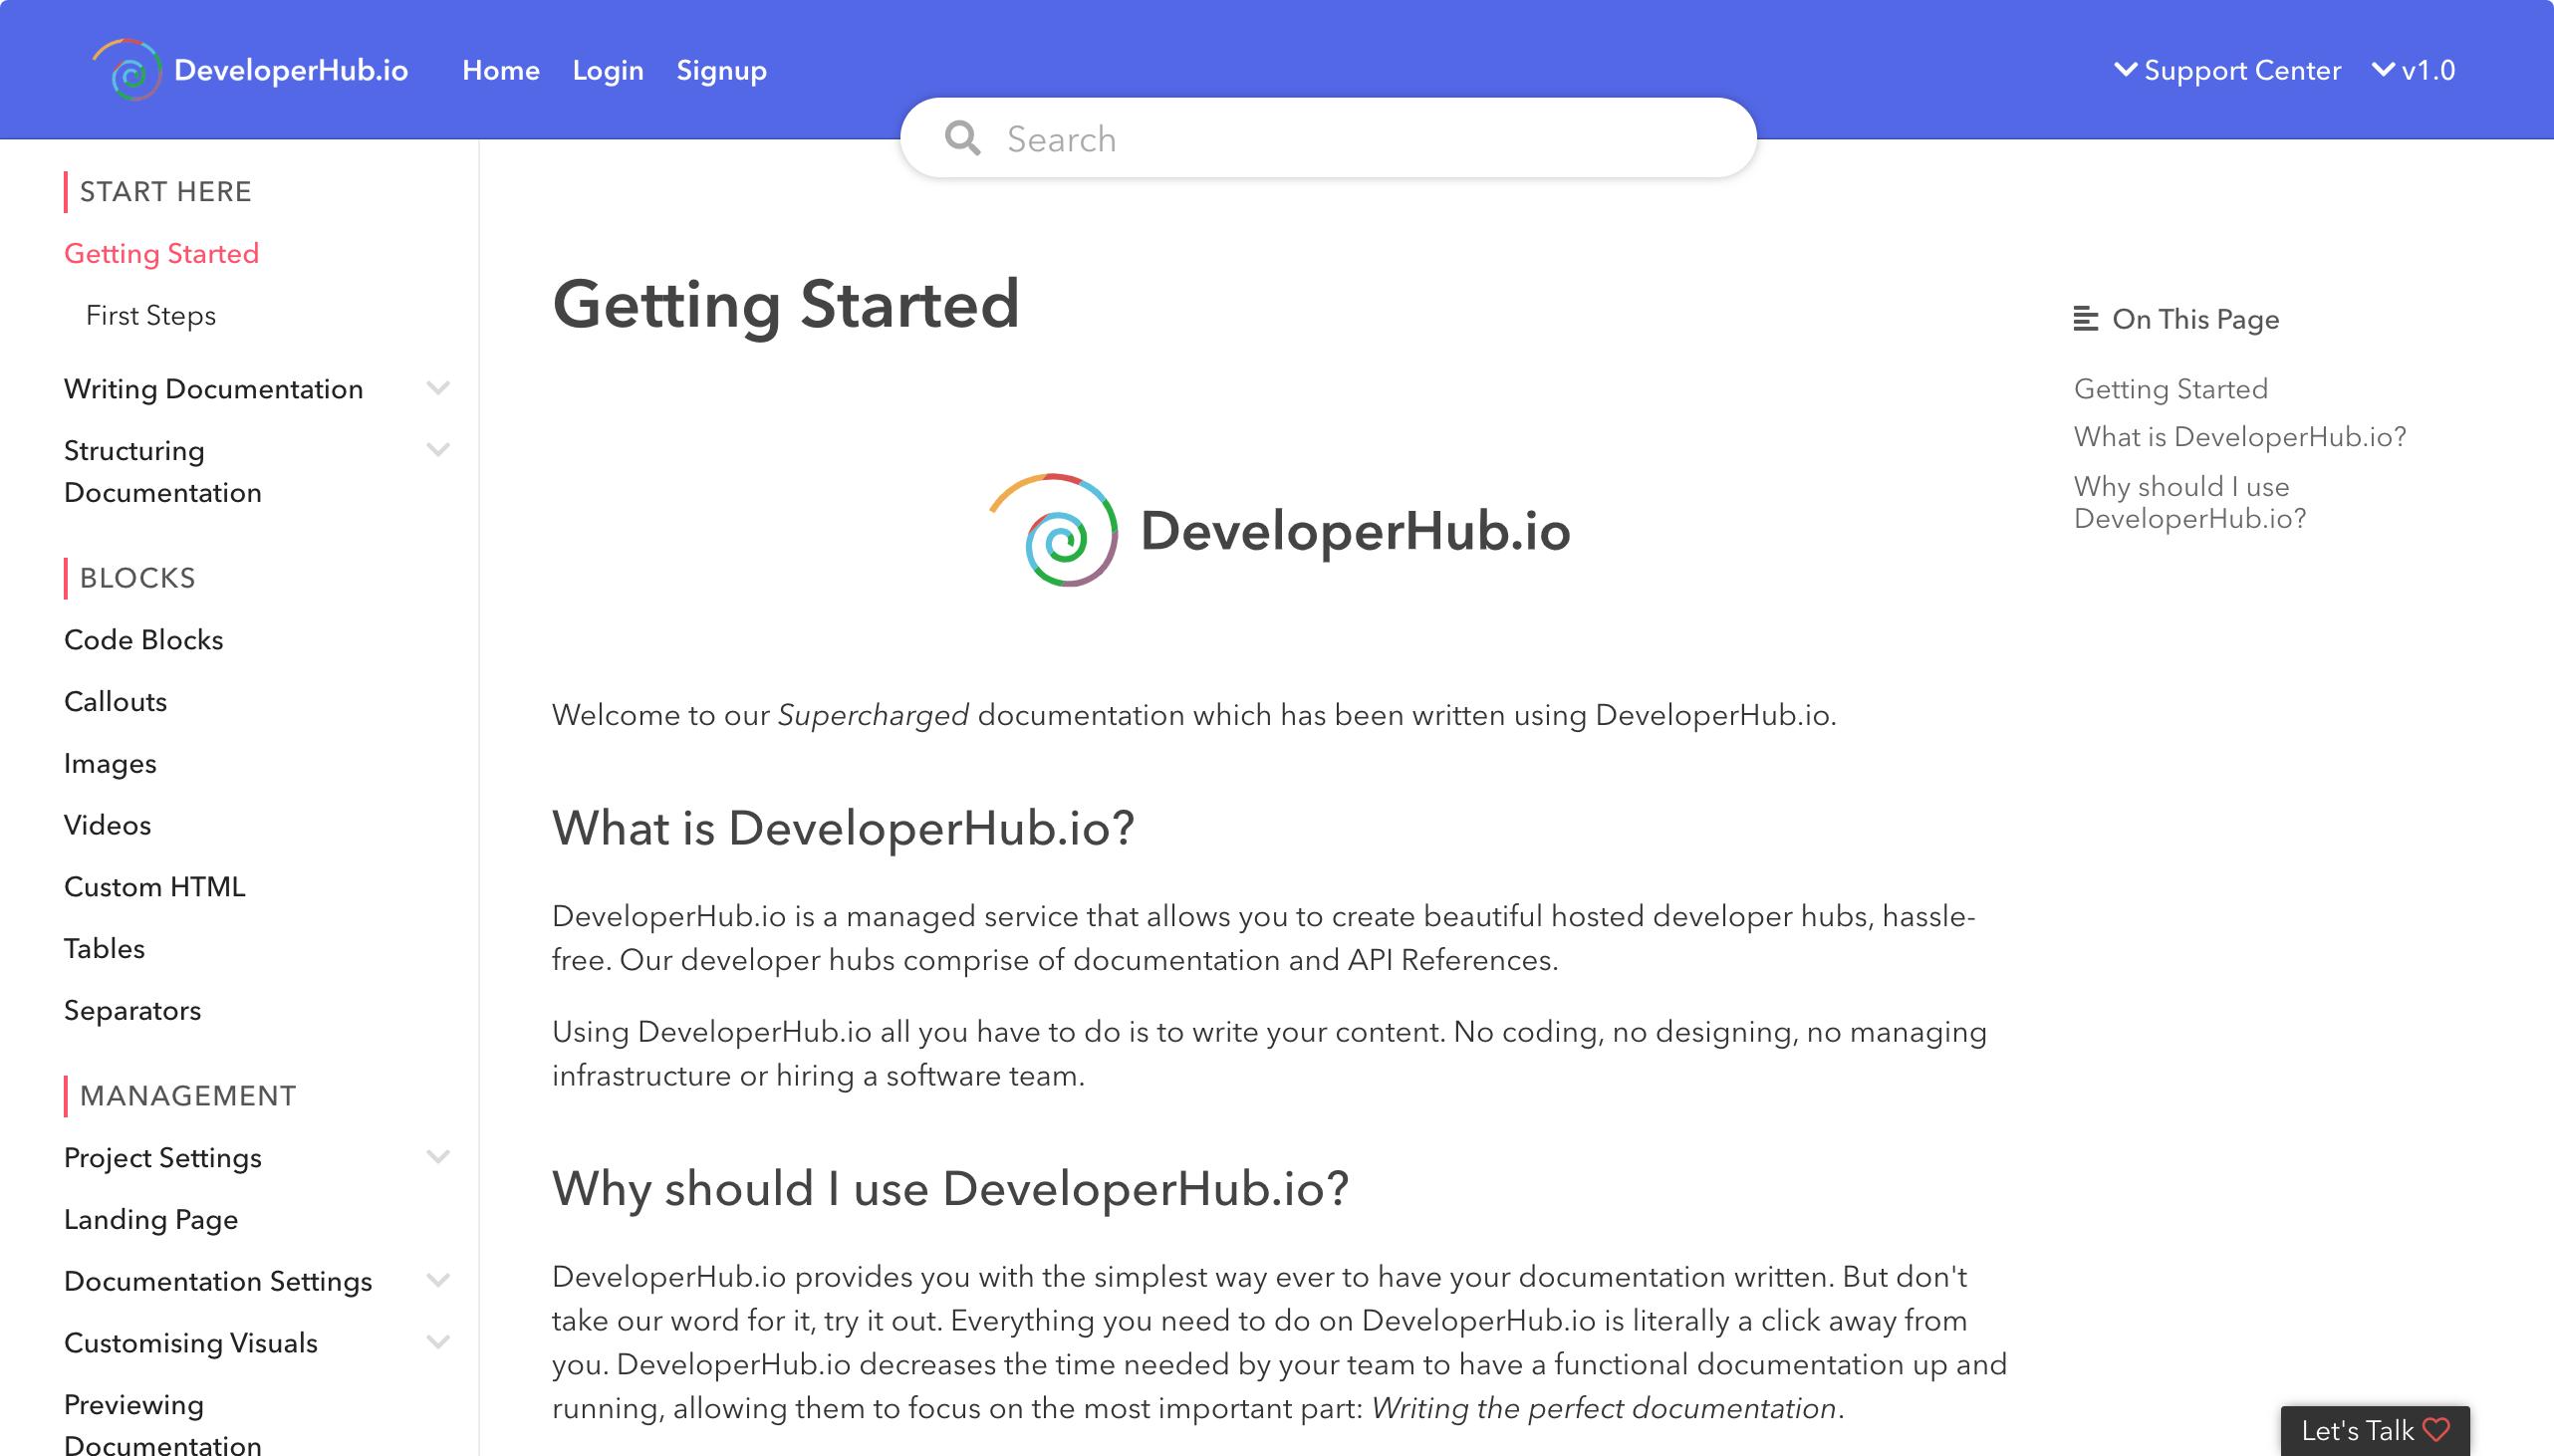 DeveloperHub Published Documentation